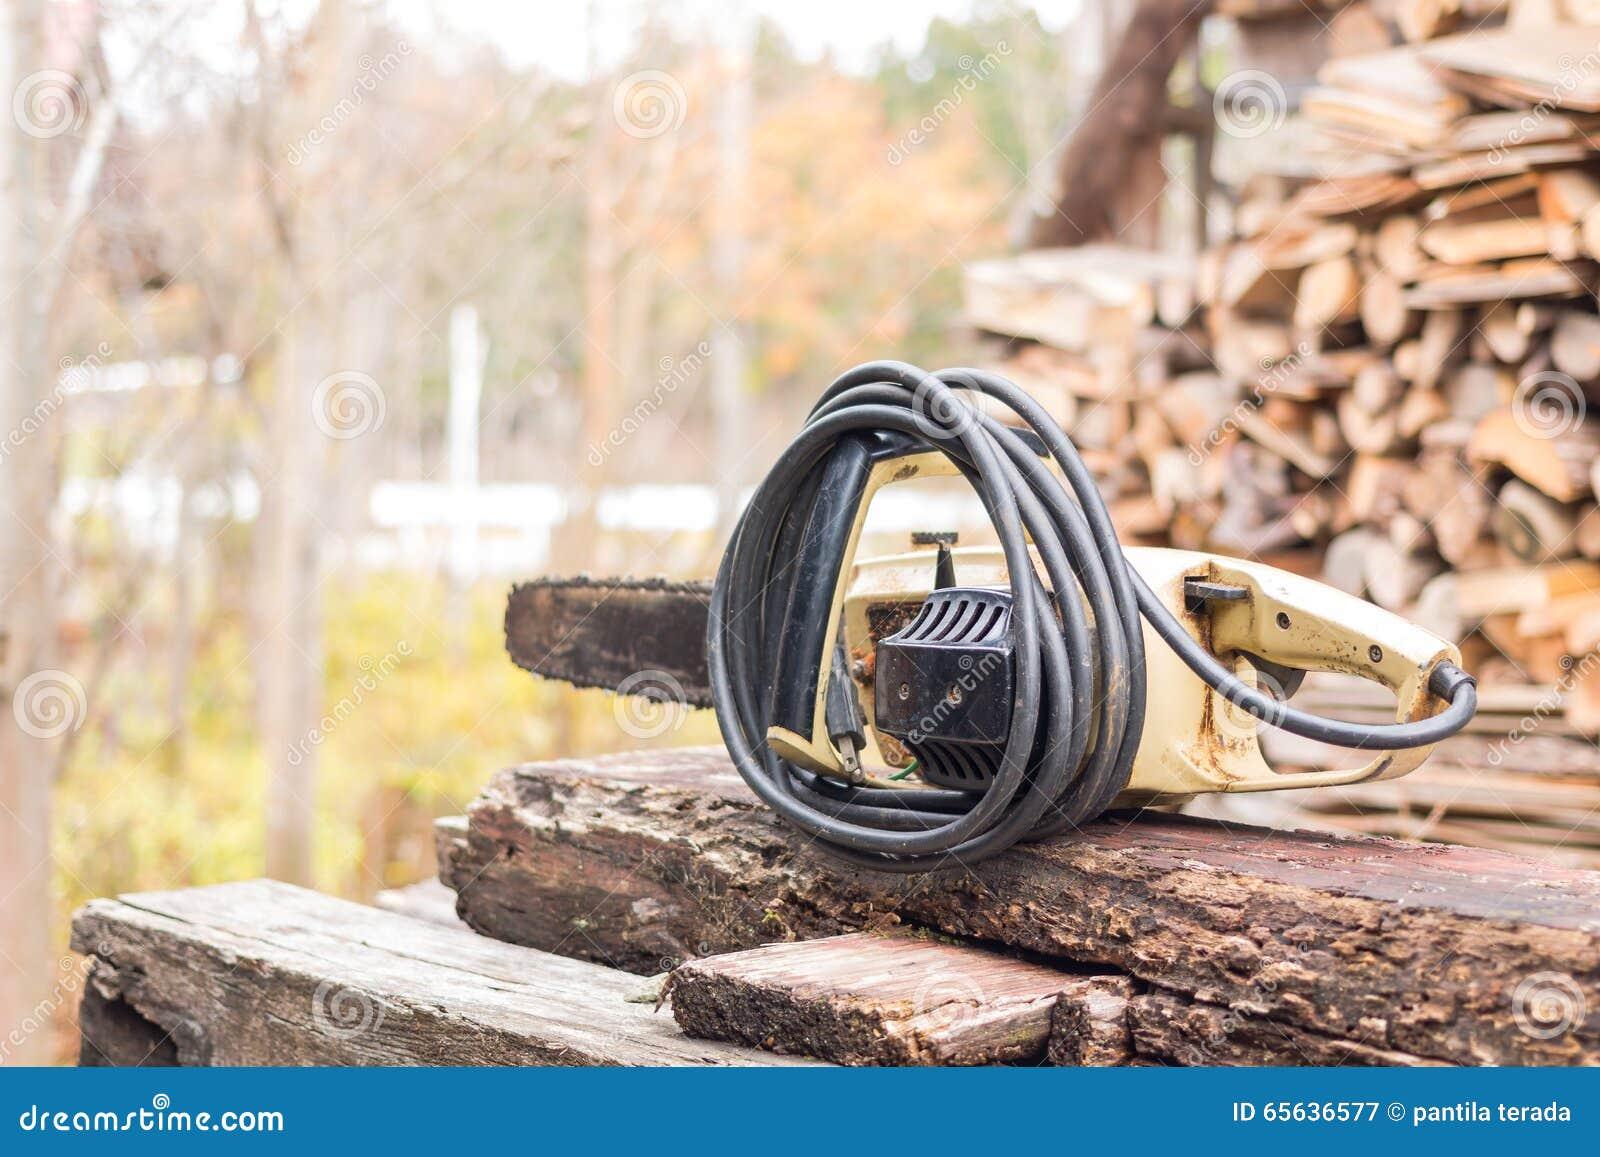 Vieille et rouillée coupe de lame de tronçonneuse sur en bois